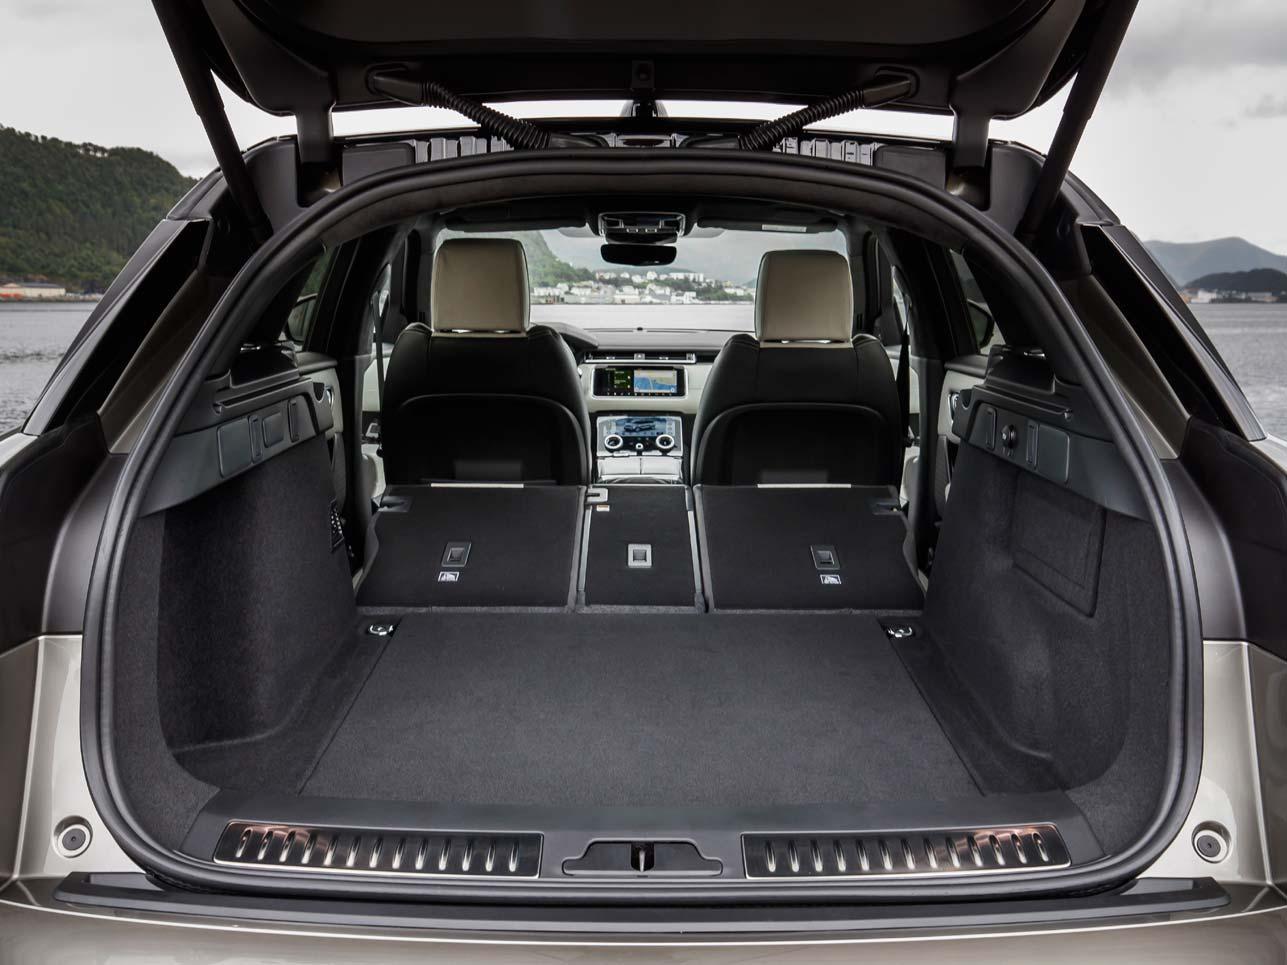 Trotz luxuriöser Ausstattung bietet der Velar einen großen Gepäckraum und komplett umklappbare Rücksitze.